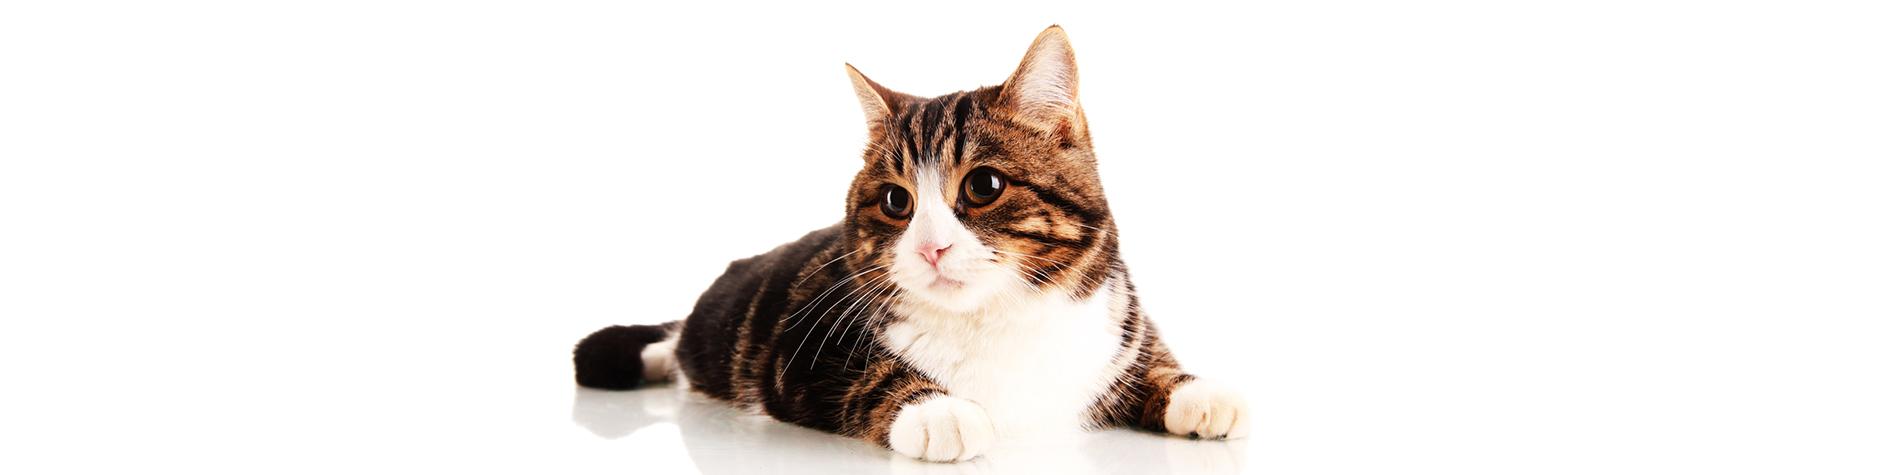 Cat-Feature2